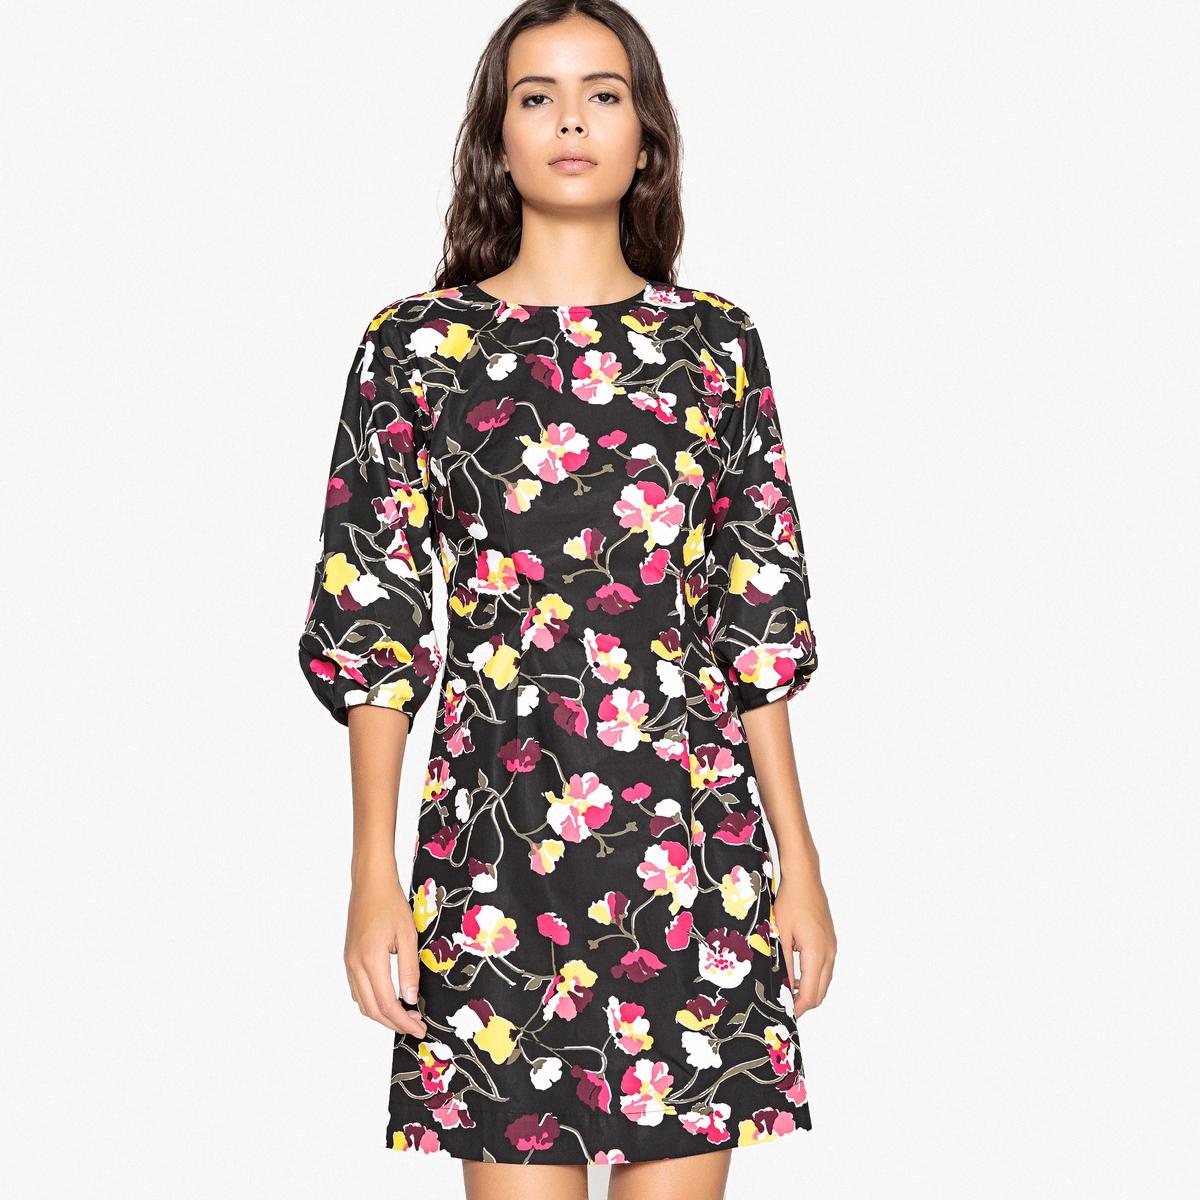 Это традиционно твидовый рисунок, который чаще присутствует на теплых платьях.